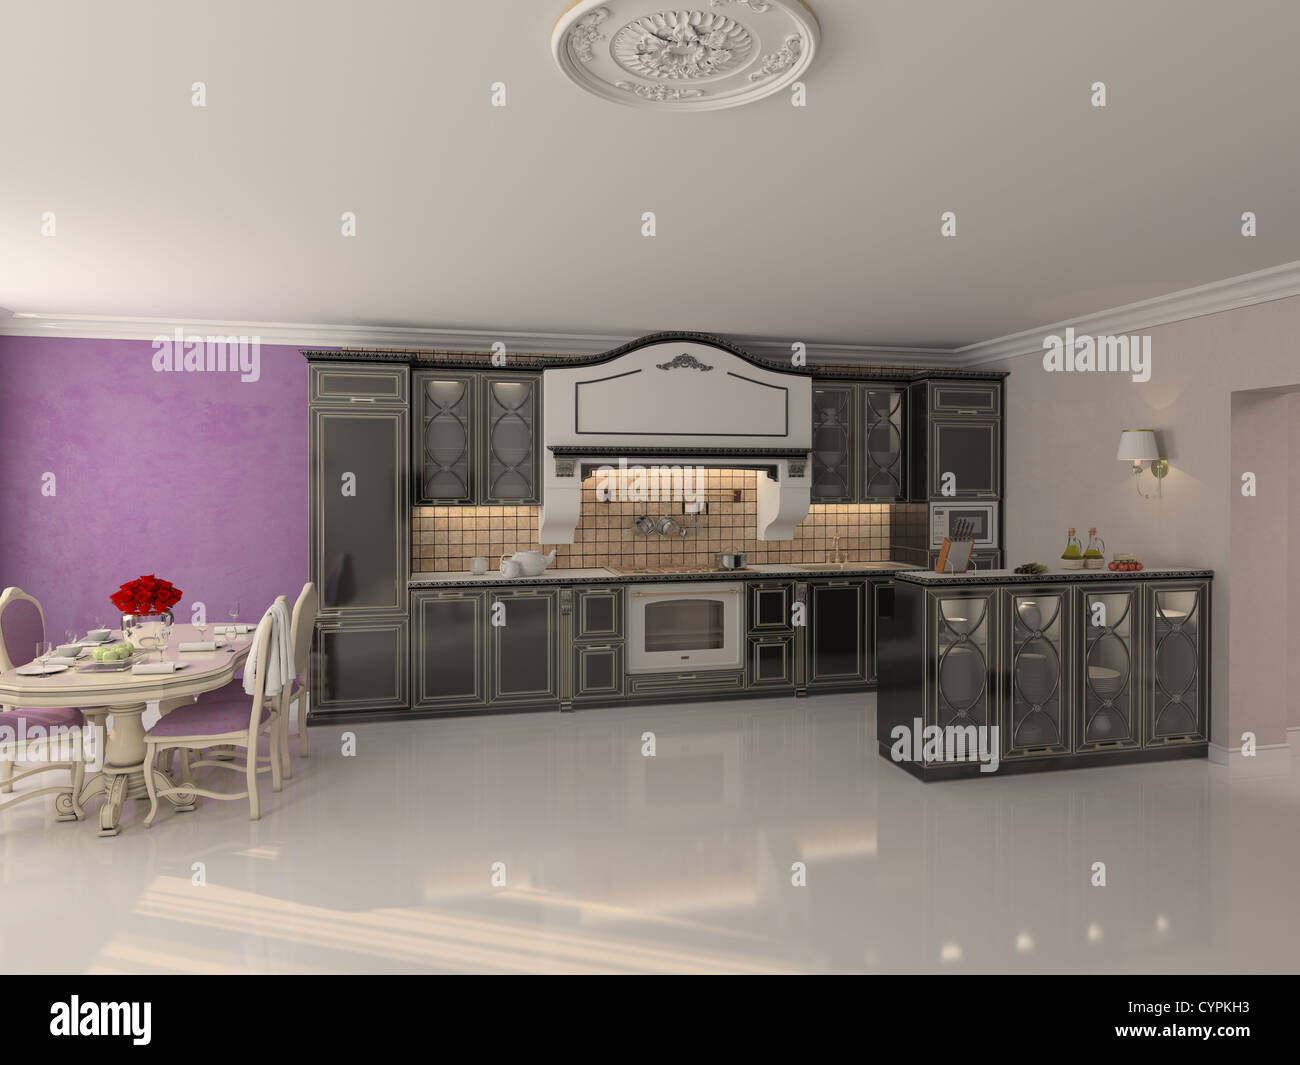 Luxus Küche Interieur im klassischen Stil (3D-Rendering) Stockbild